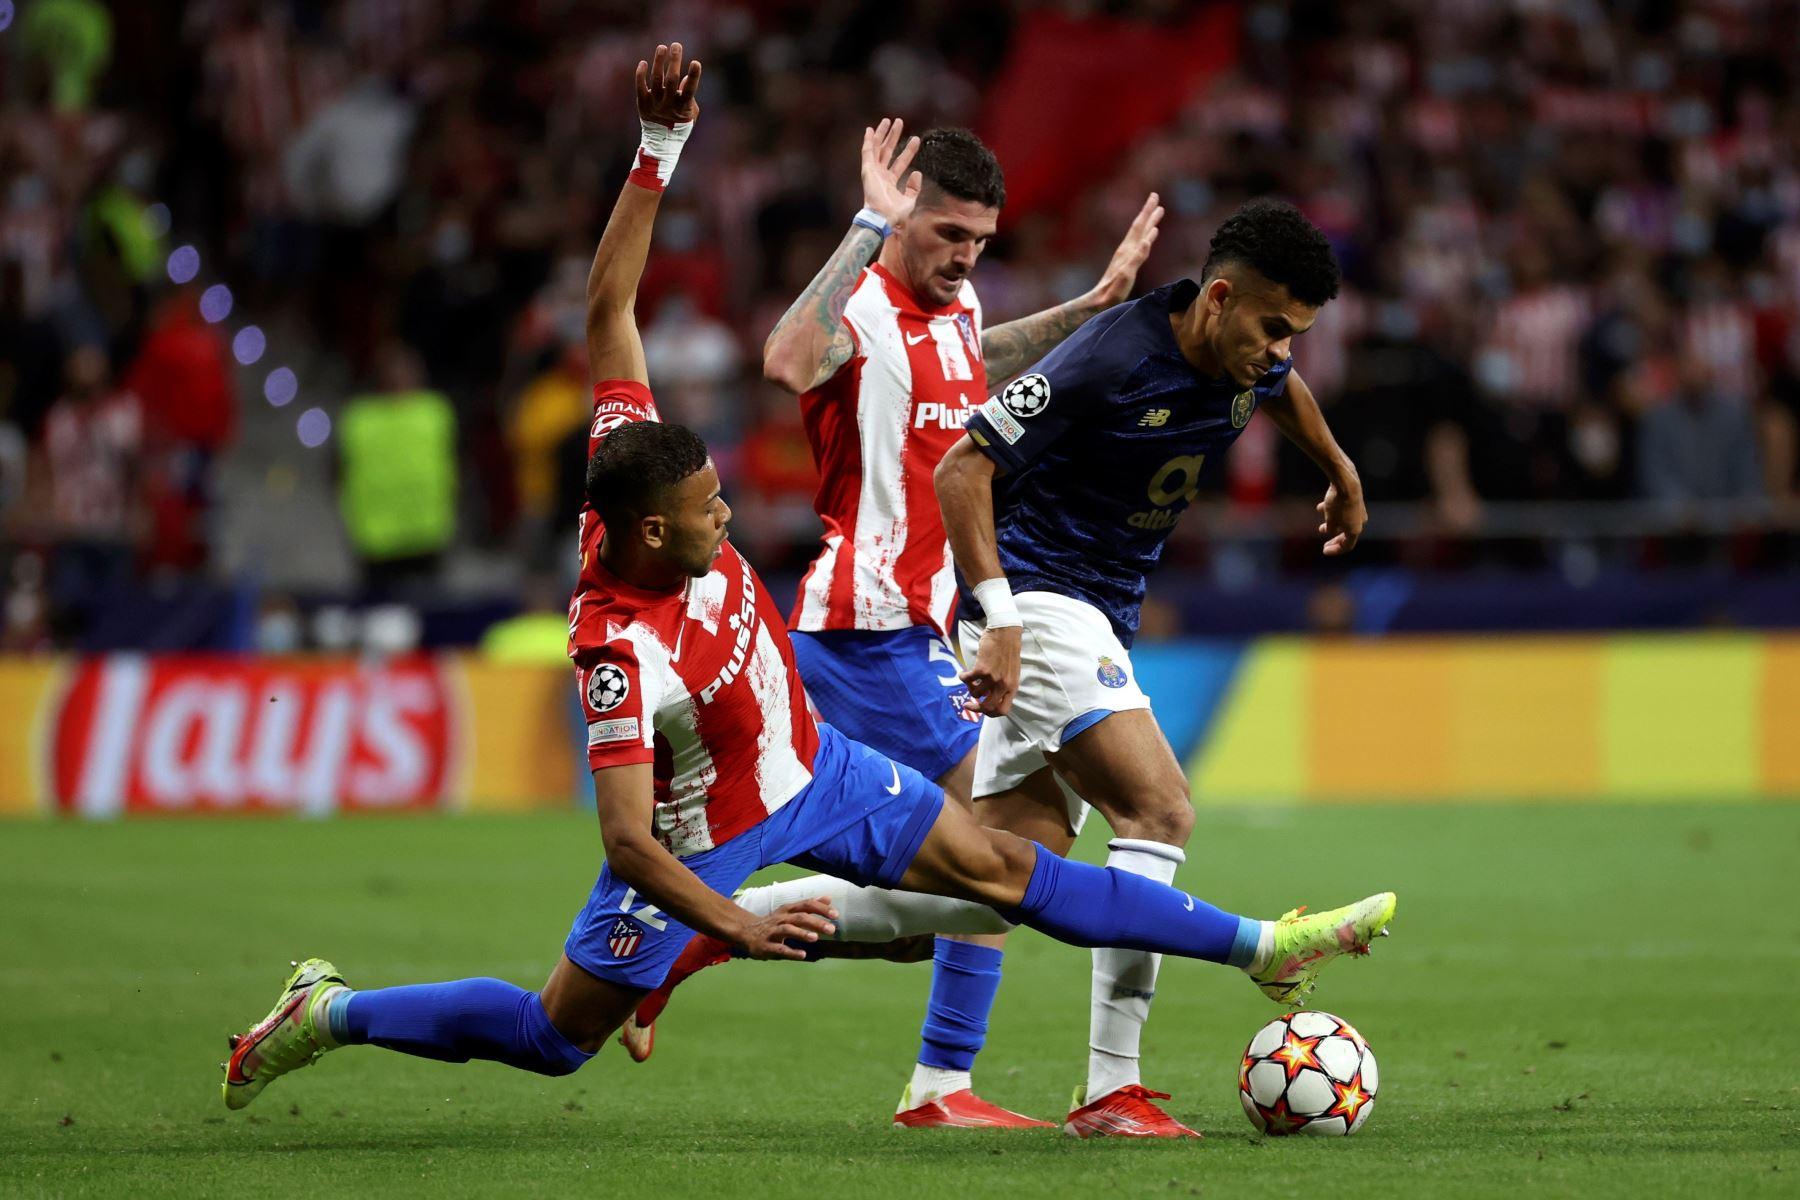 El defensa brasileño del Atlético de Madrid Renan Augusto Lodi lucha con el colombiano Luis Díaz, del Oporto. EFE/Juanjo Martín